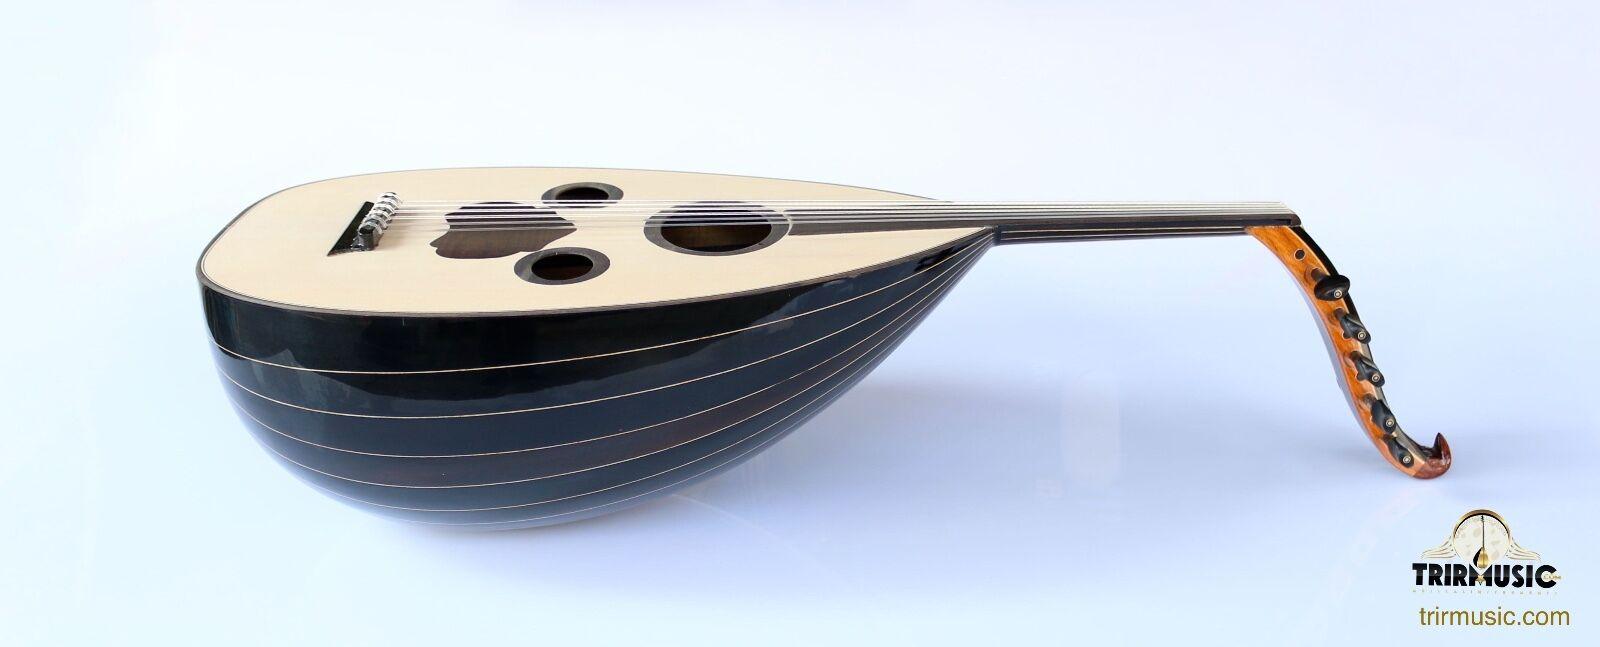 Instrumento de cuerdas cuerdas cuerdas de nogal Hecho a Mano árabe oud Ud AAO-108 3cff29